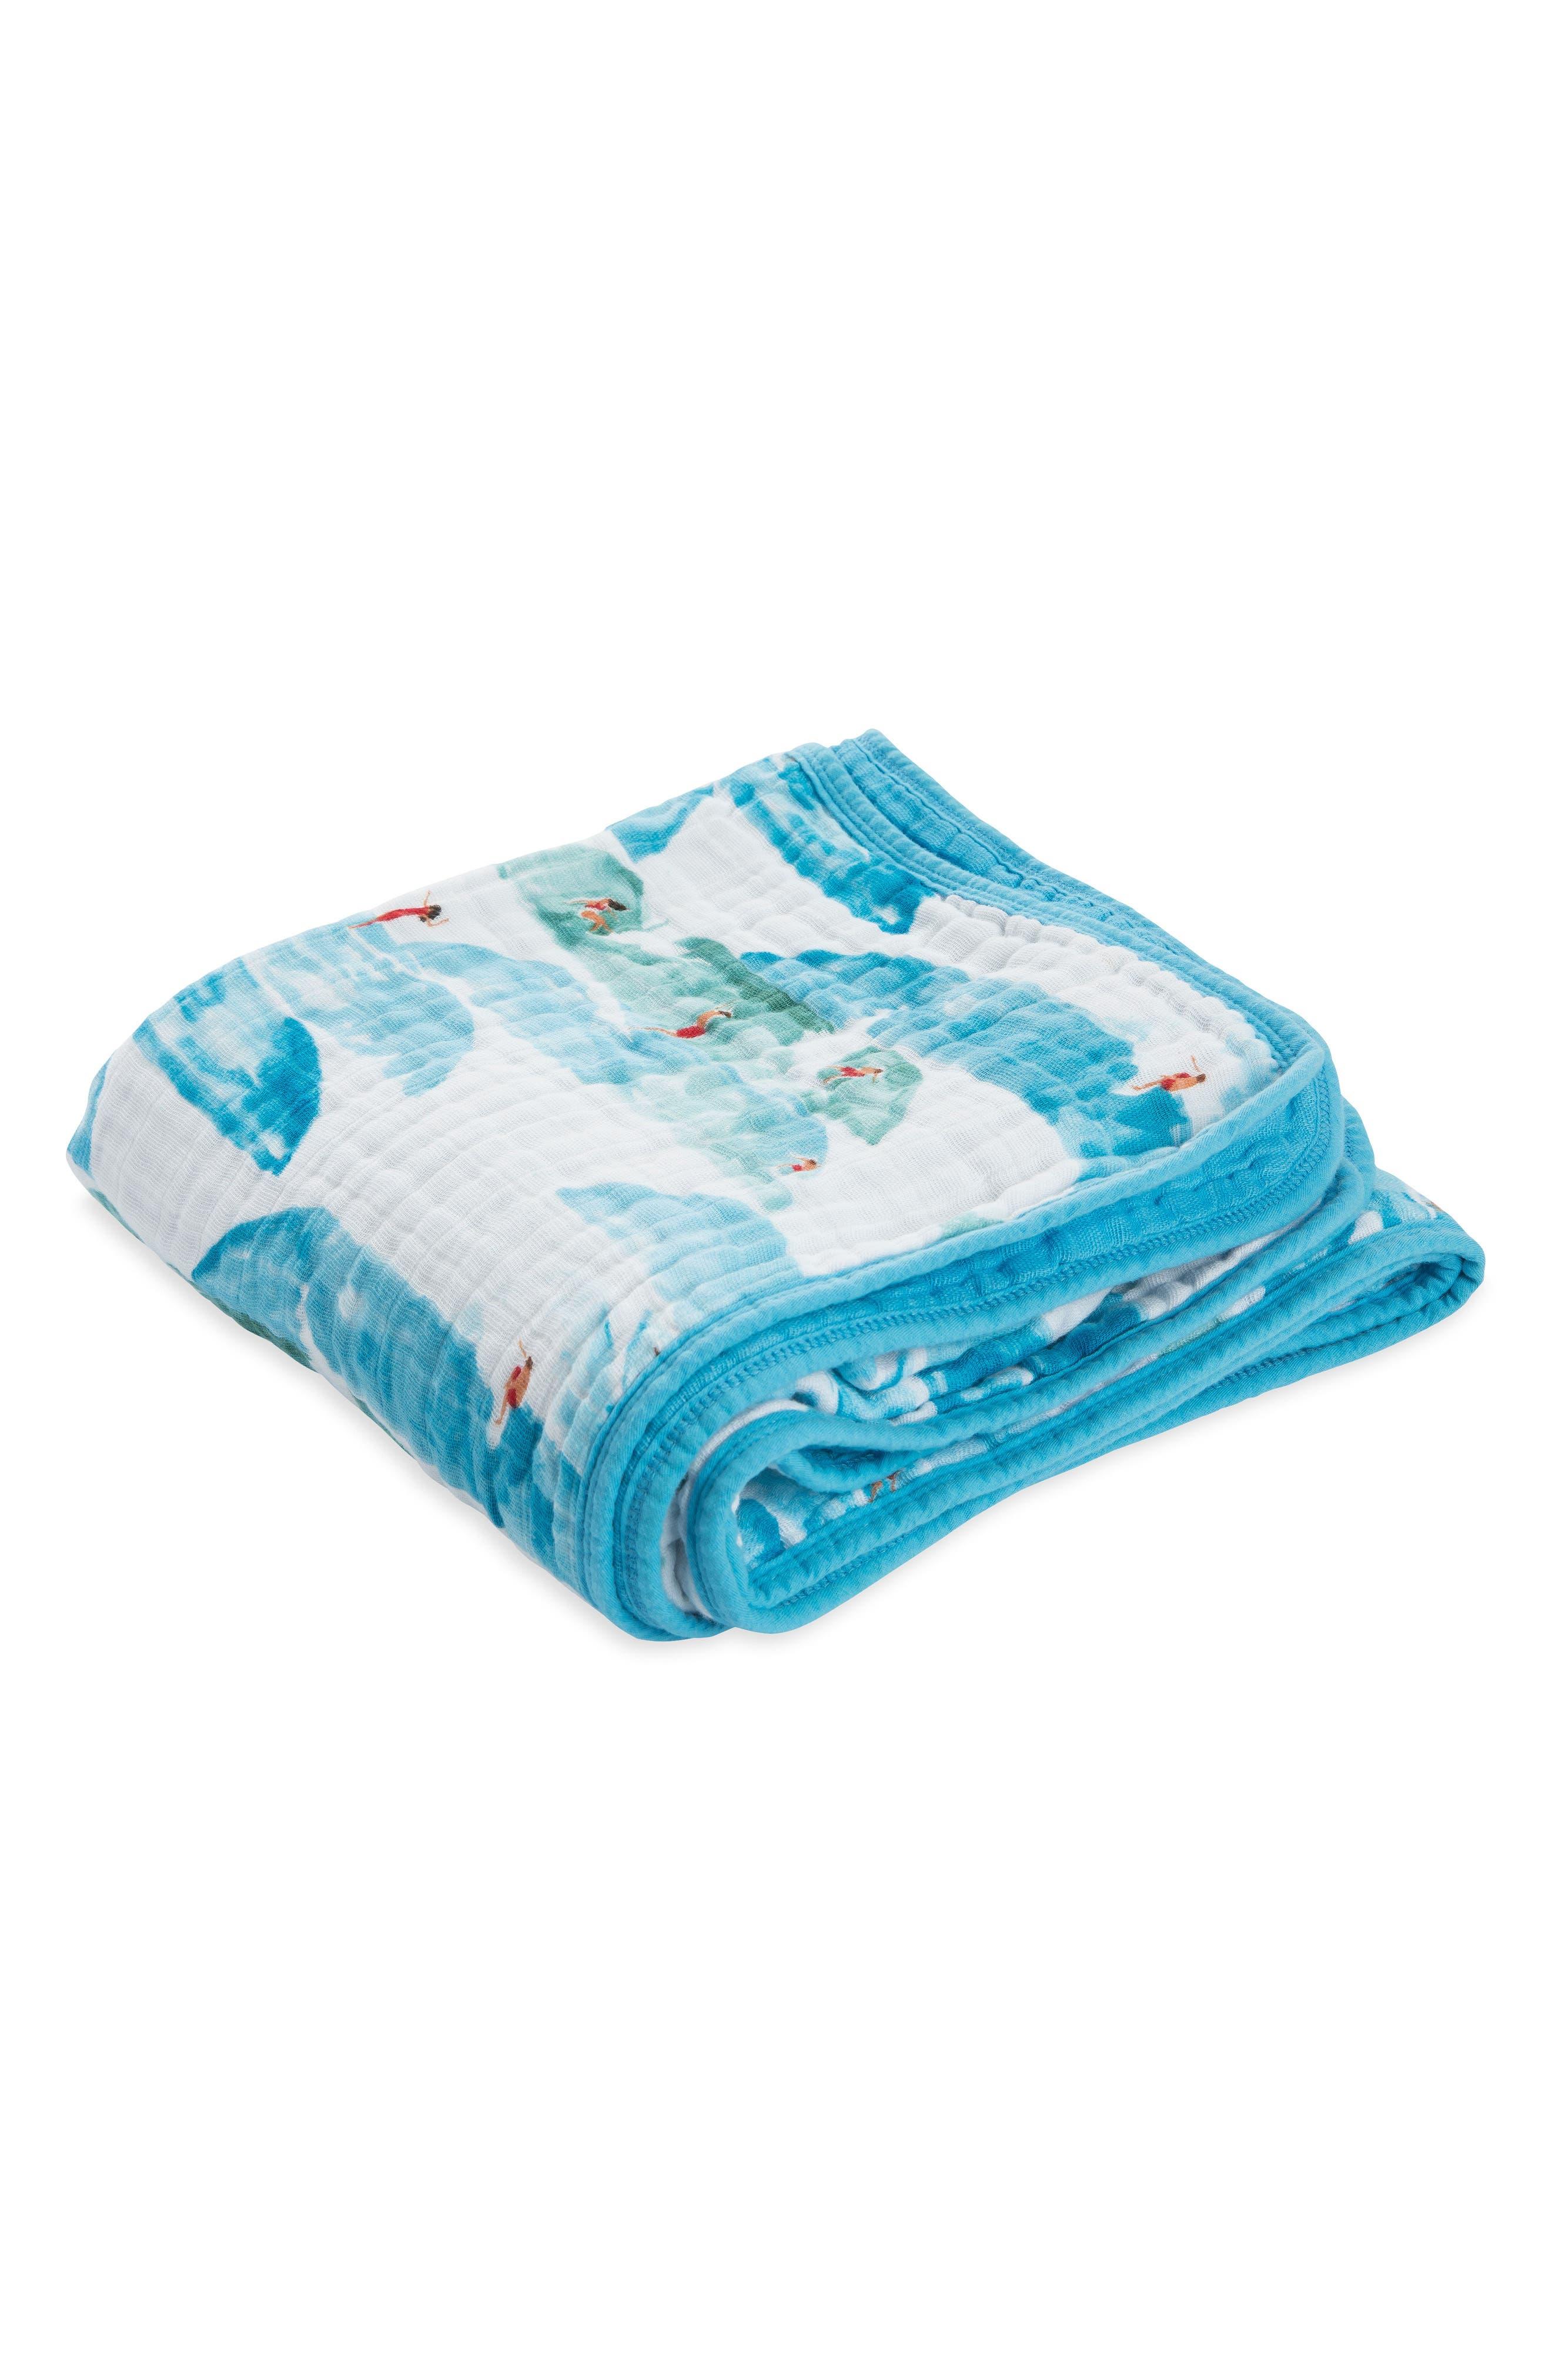 Cotton Muslin Quilt,                             Main thumbnail 1, color,                             SURF